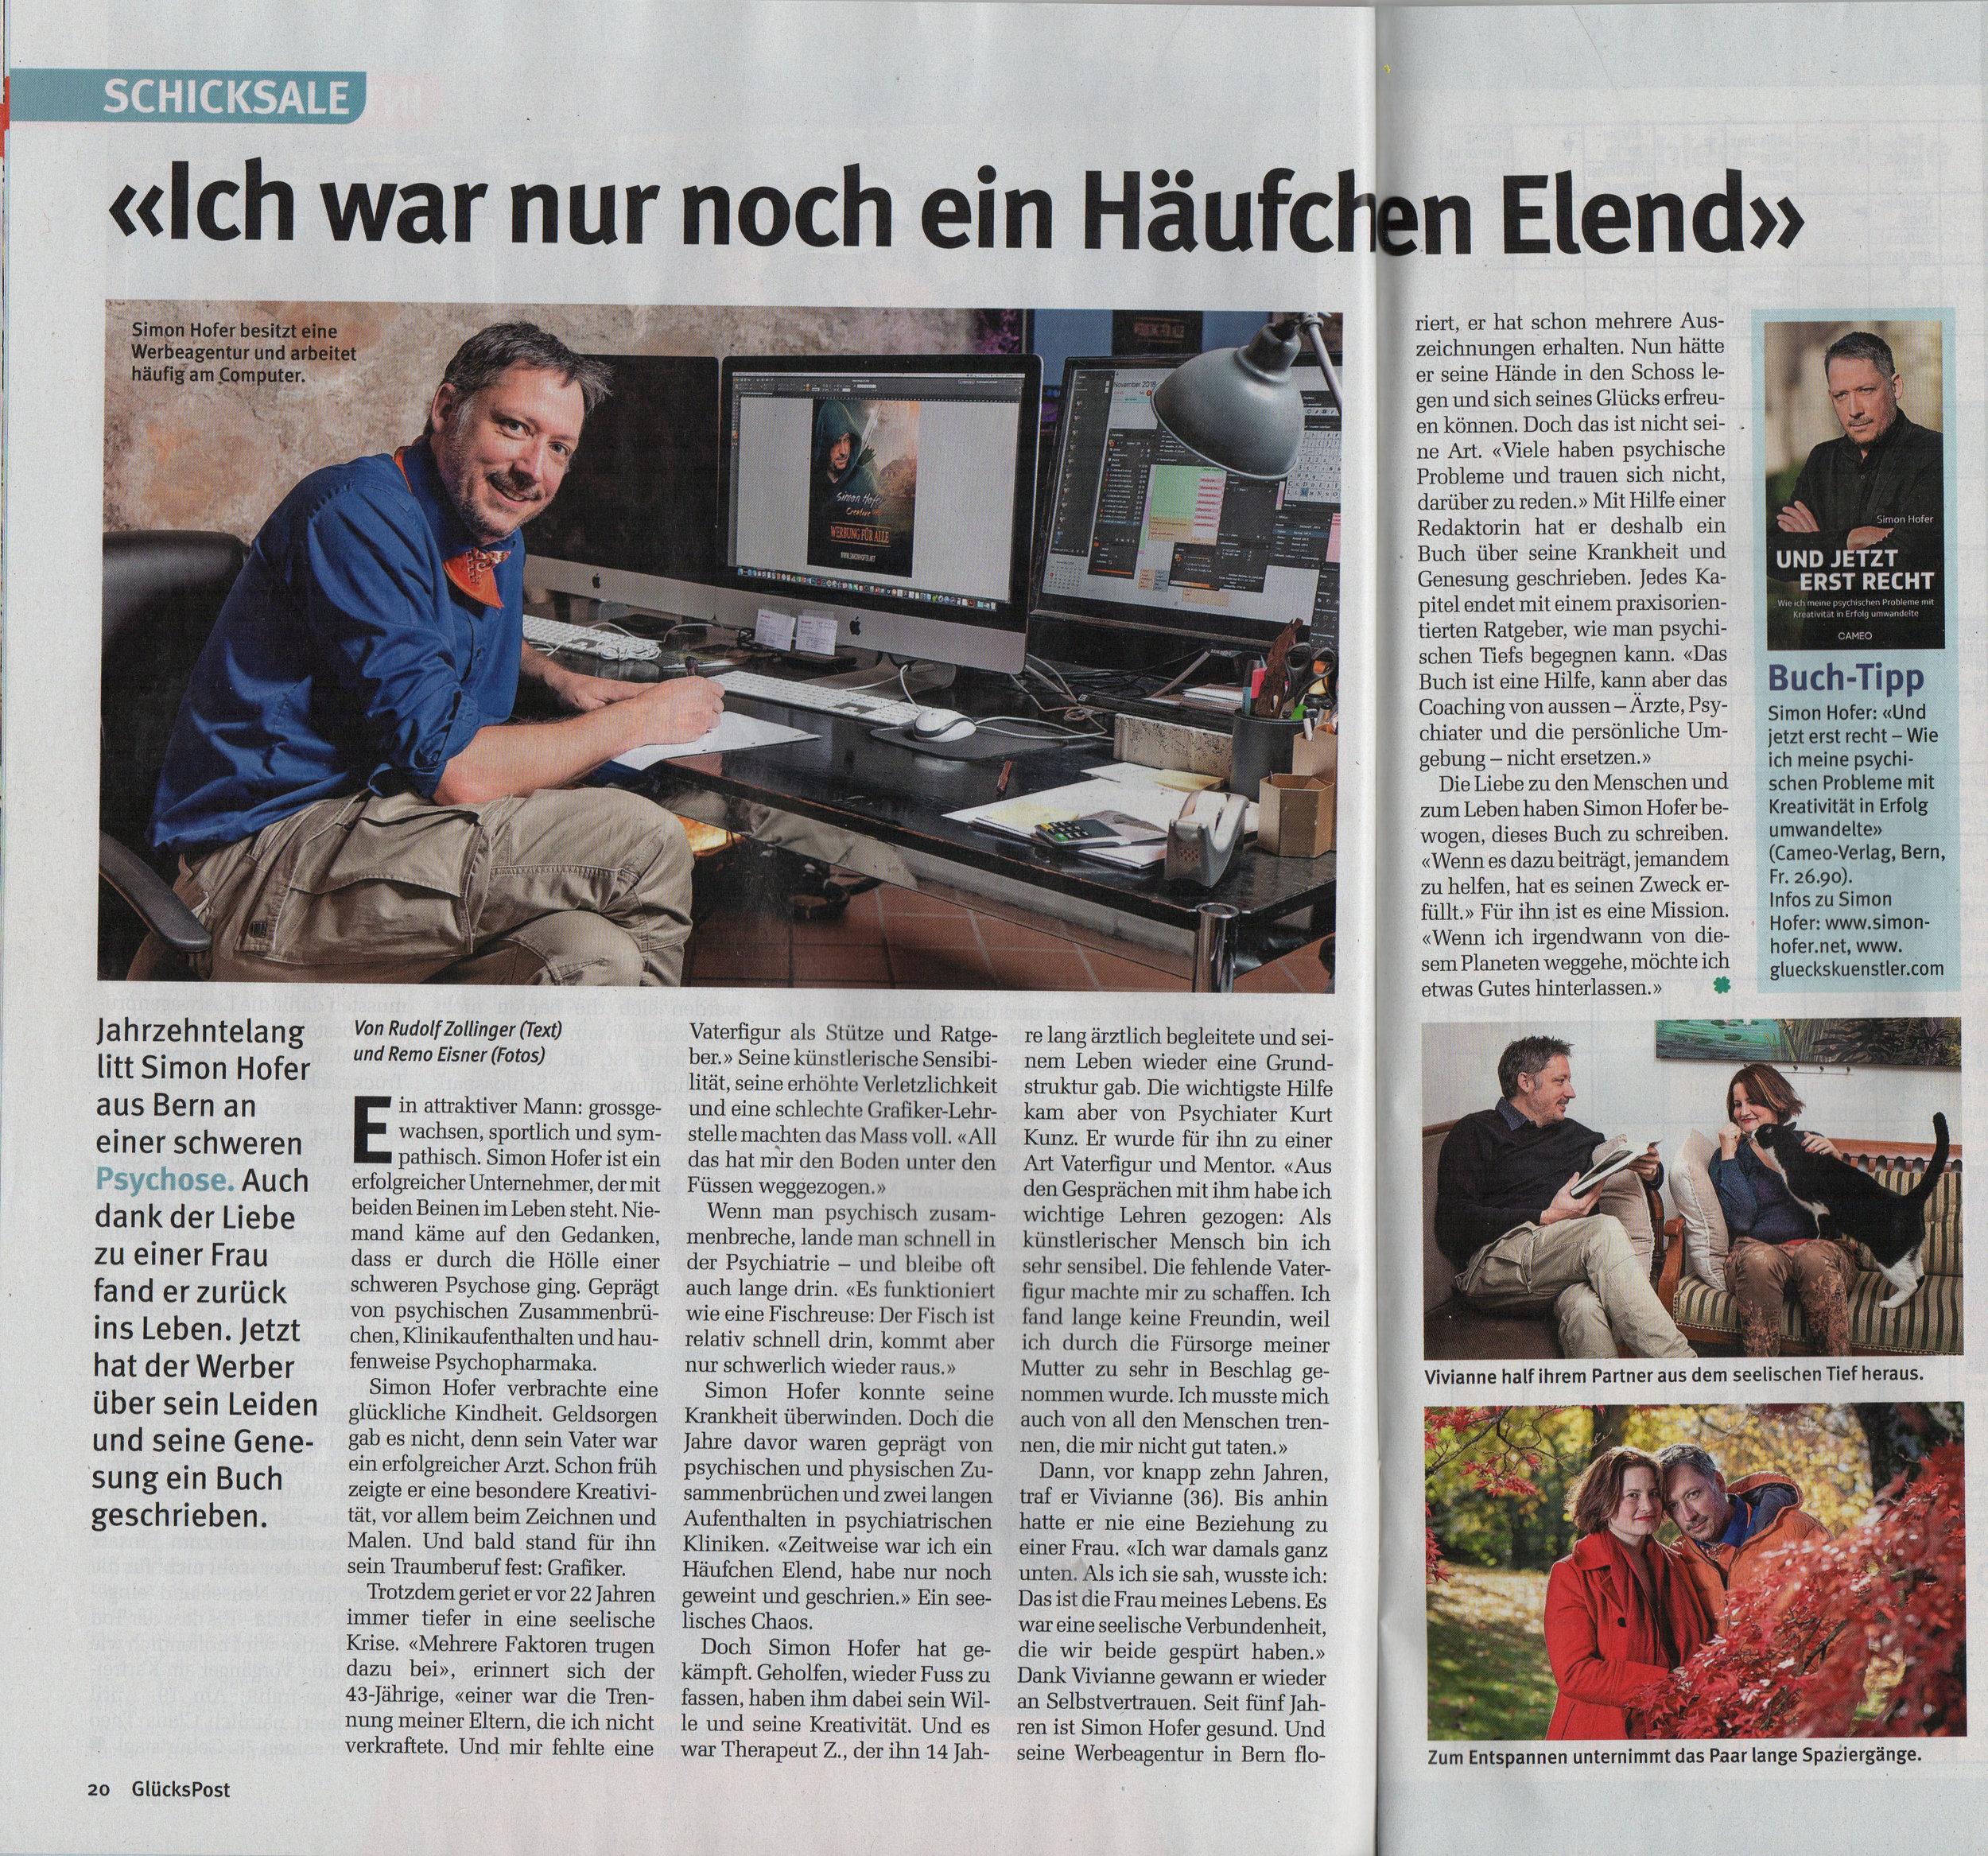 Simon Hofer in der Glückspost vom 14.11.2018